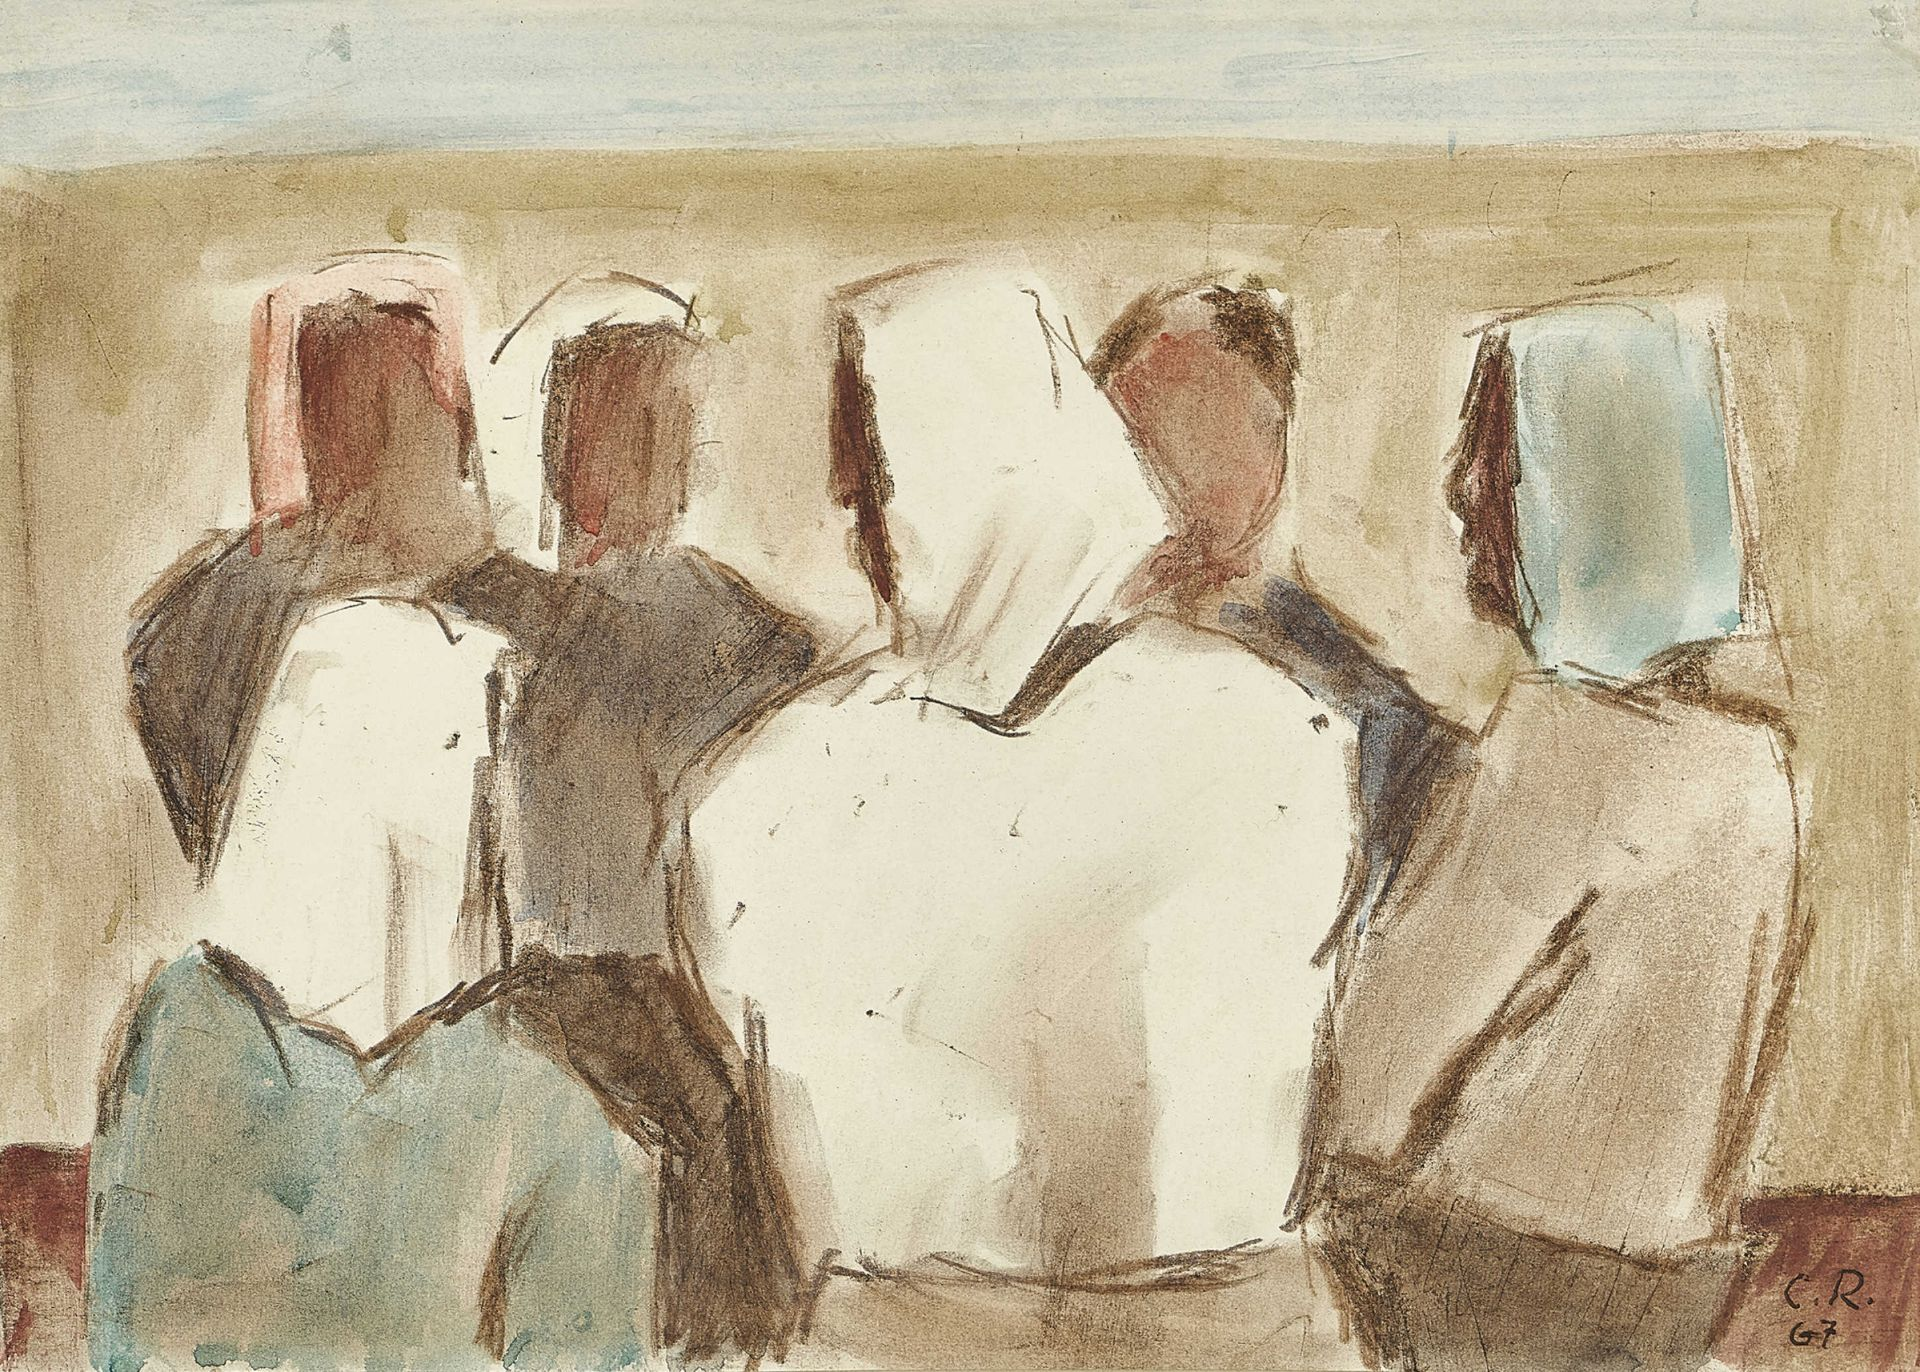 ROESCH, CARL: Frauen mit Kopftüchern.